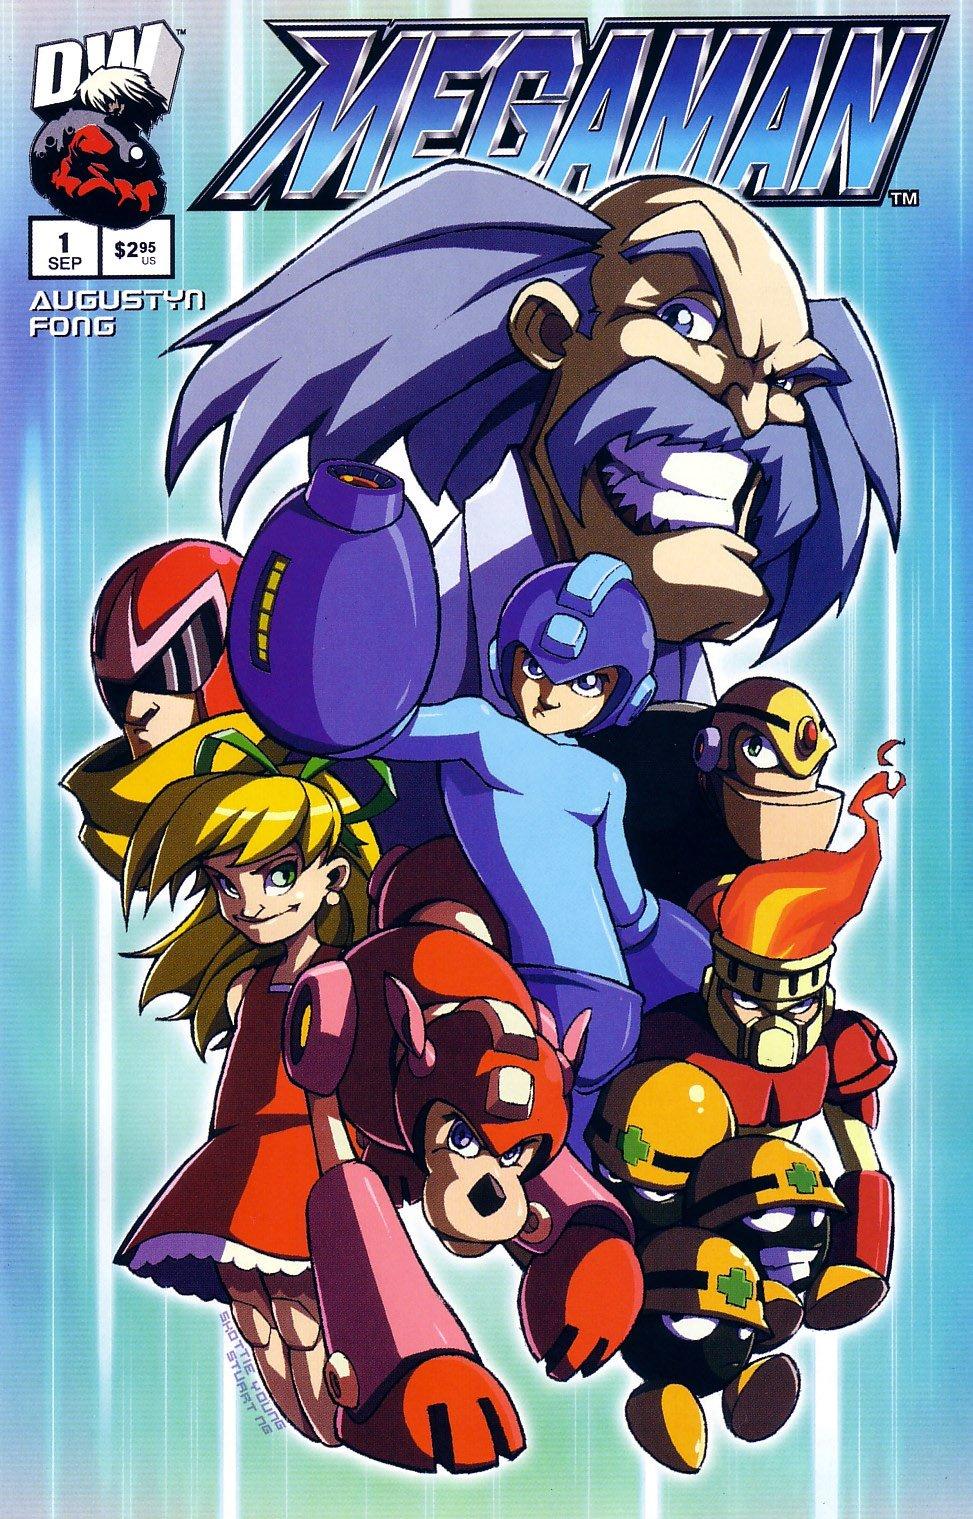 Mega Man 01 (September 2003) (variant 2)